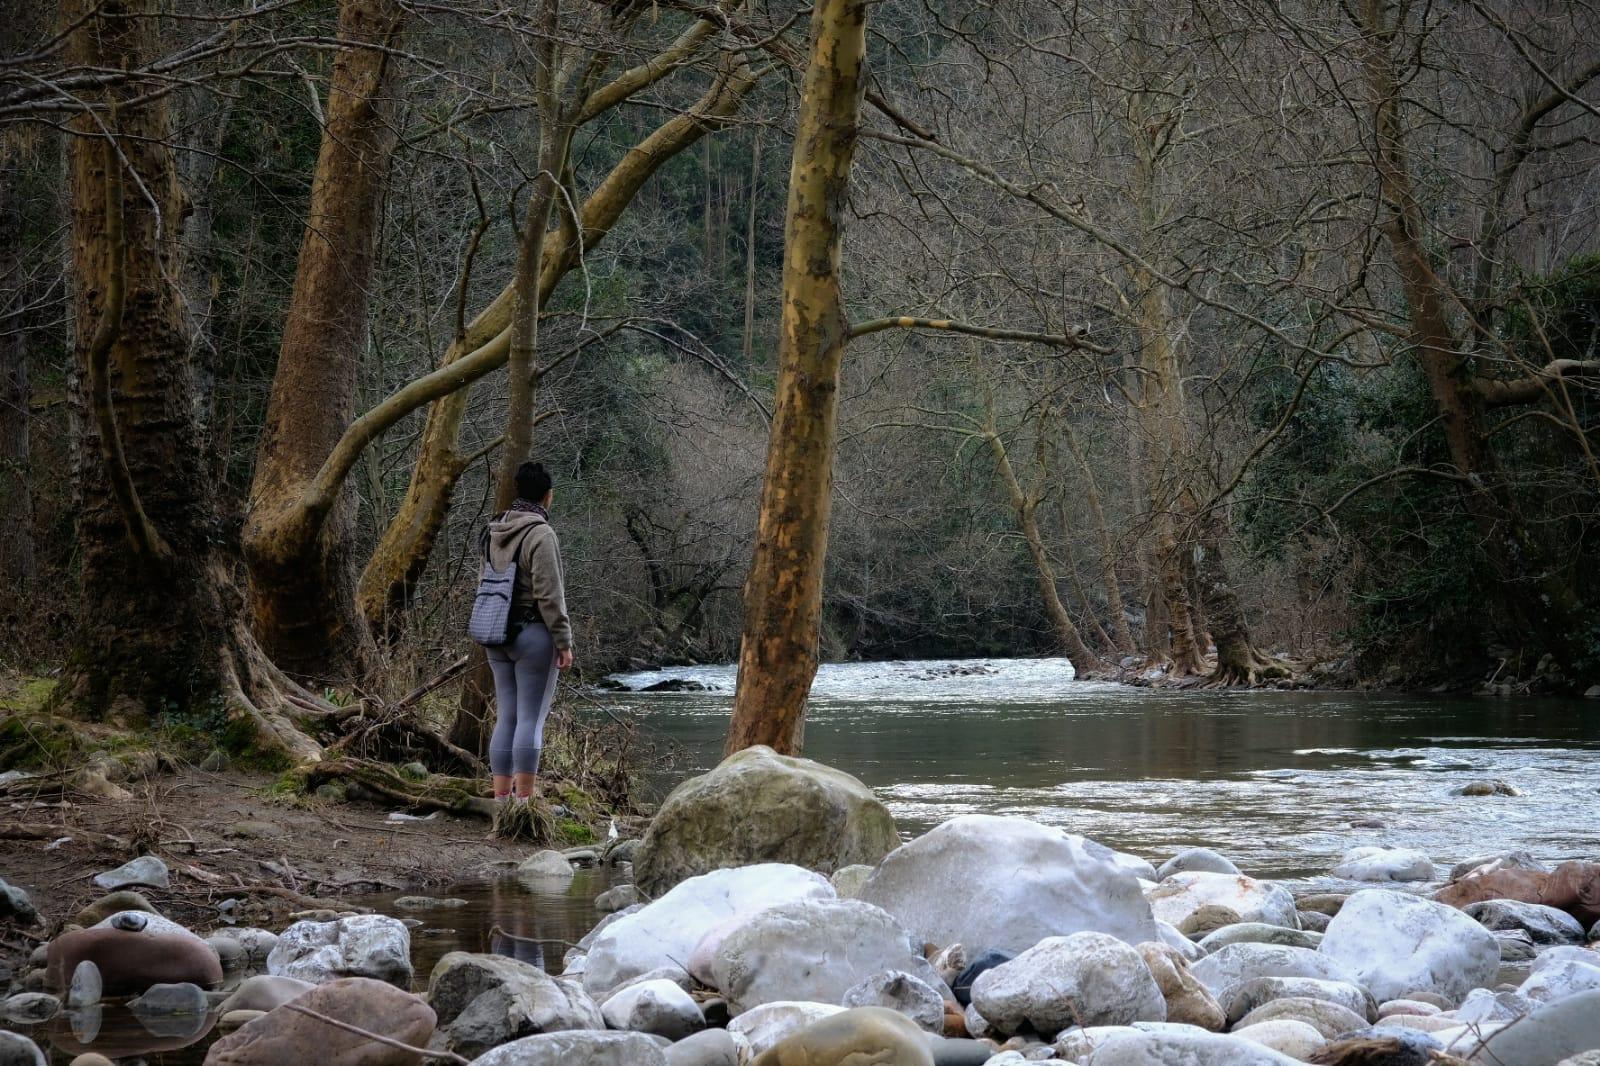 Río Deva, Saja Nansa, Cantabria